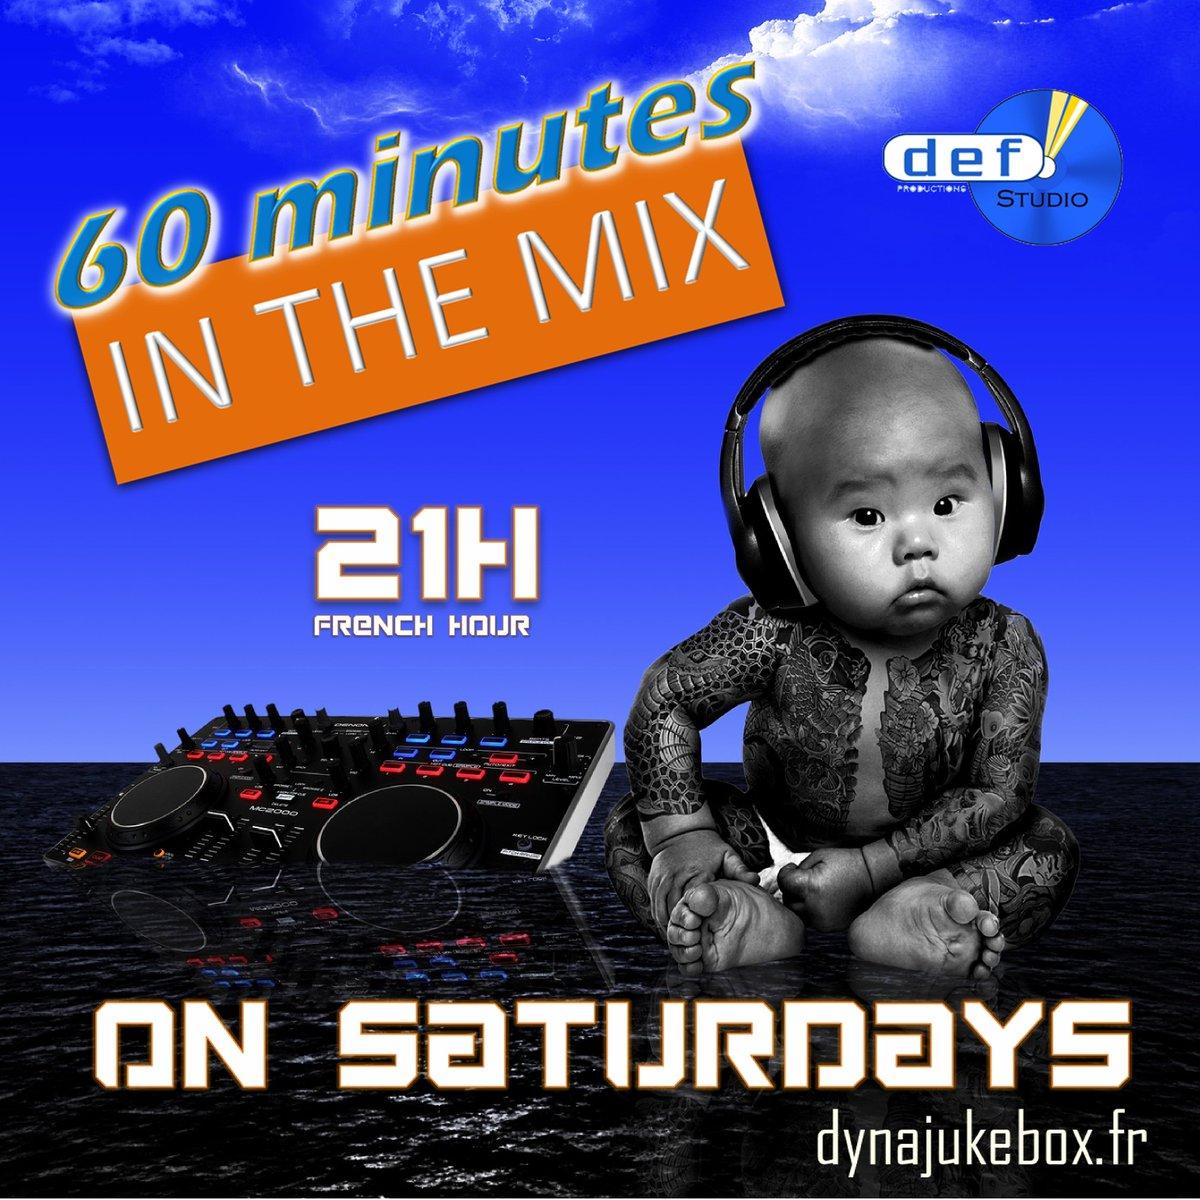 A 21h C&#39;est @sergiodefelice avec #60&#39;InTheMix sur votre #webradio  http://www. dynajukebox.fr  &nbsp;   #mix #remix<br>http://pic.twitter.com/2PTOLvdKOf